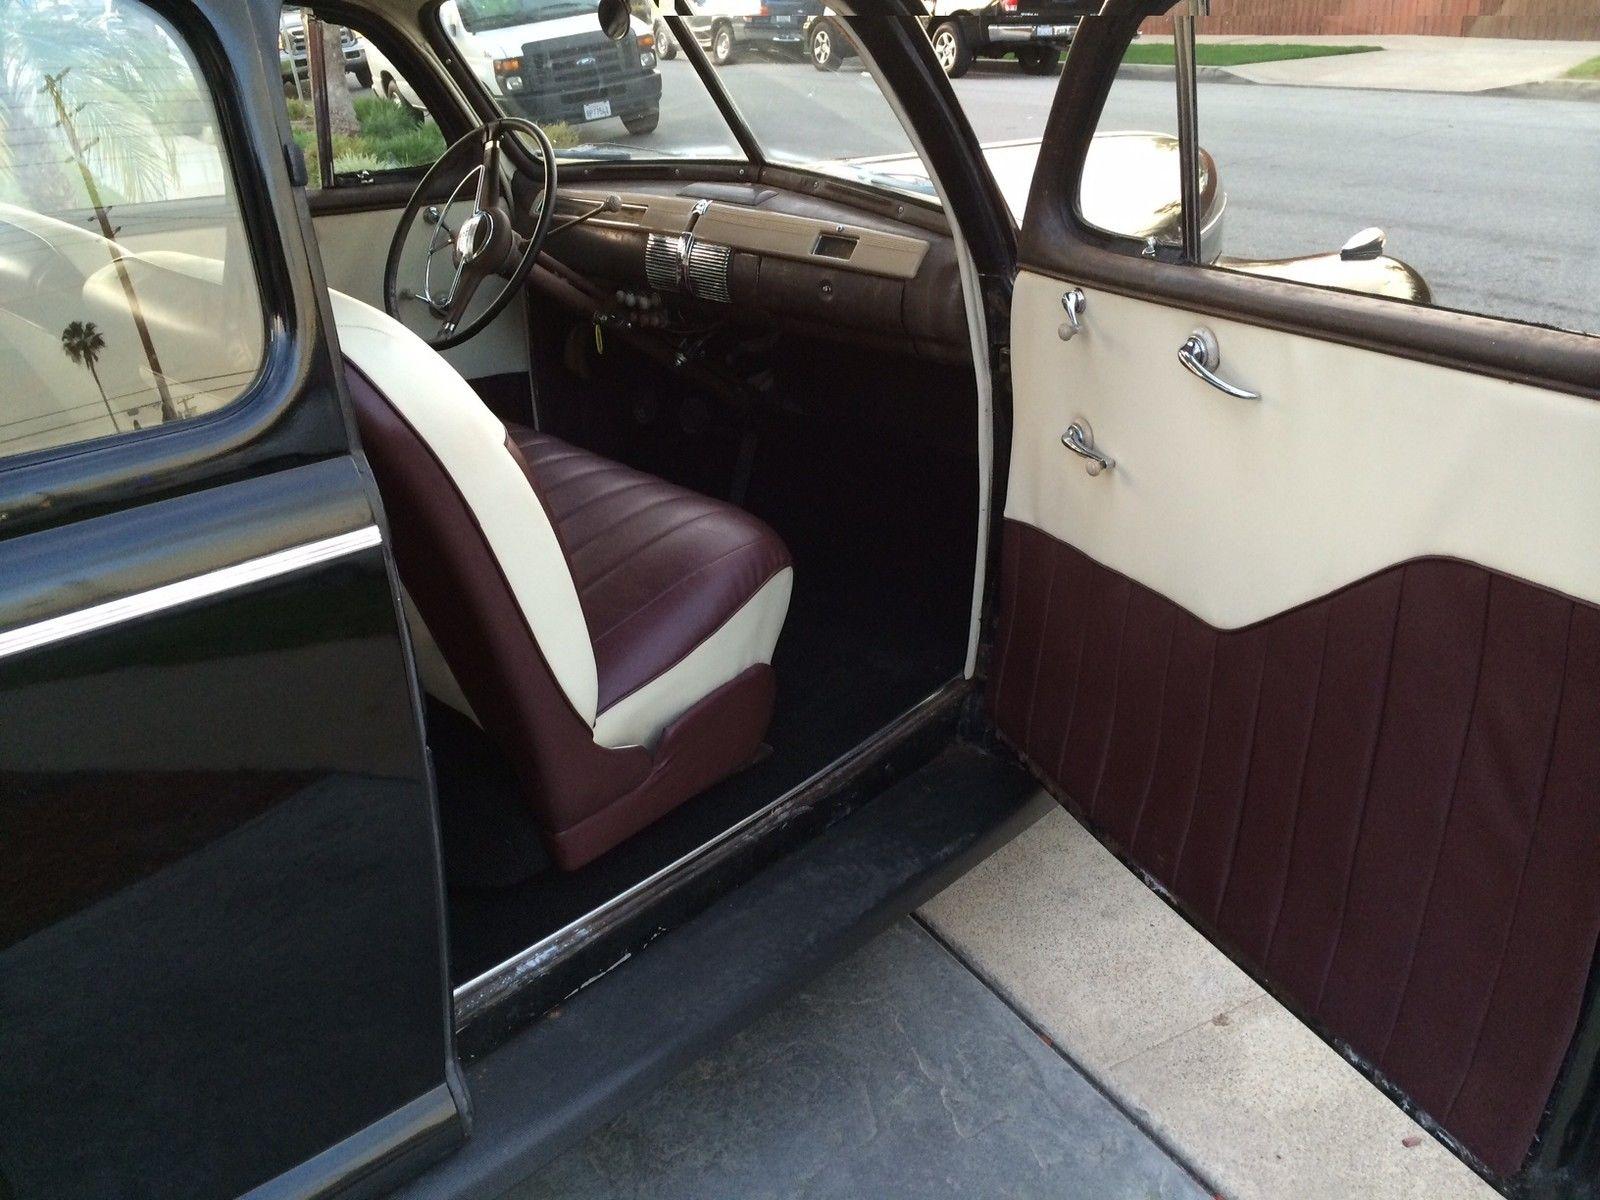 1941 Ford Sedan Survivor Hot Rod Classic 1936 1939 1940 1949 1932 Vin Location 1934 1929 1950